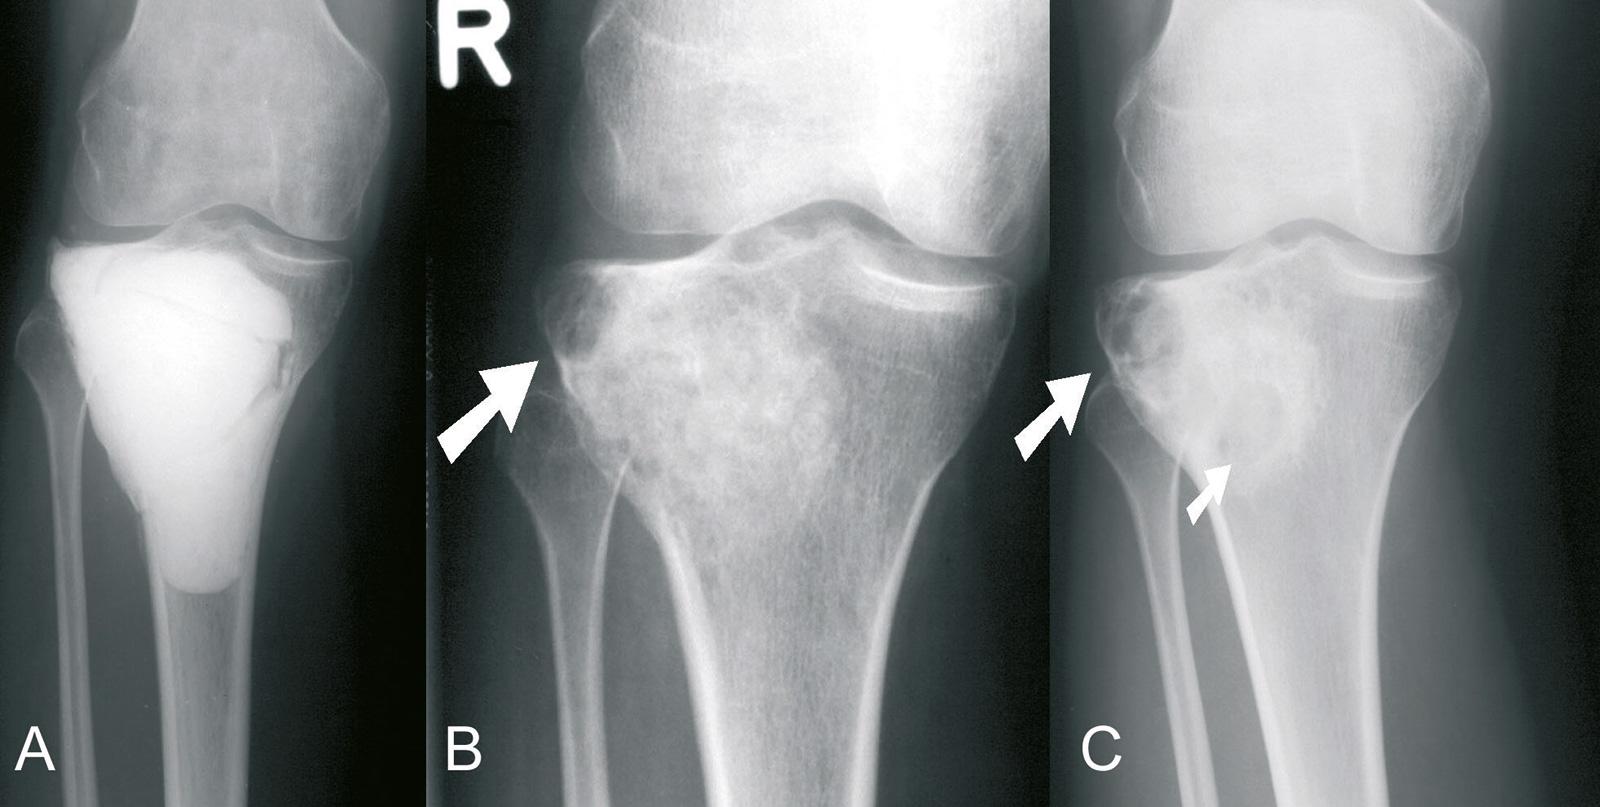 Abb. 8-31: 2 Jahre nach Kürettage und Knochenzementauffüllung eines RZT in der proximalen Tibia (A) wird der Zement entfernt und der Defekt mit autologer Spongiosa aufgefüllt (B), Lokalrezidiv (B-C) (Eigentum des Instituts für Klinische Radiologie der Uni